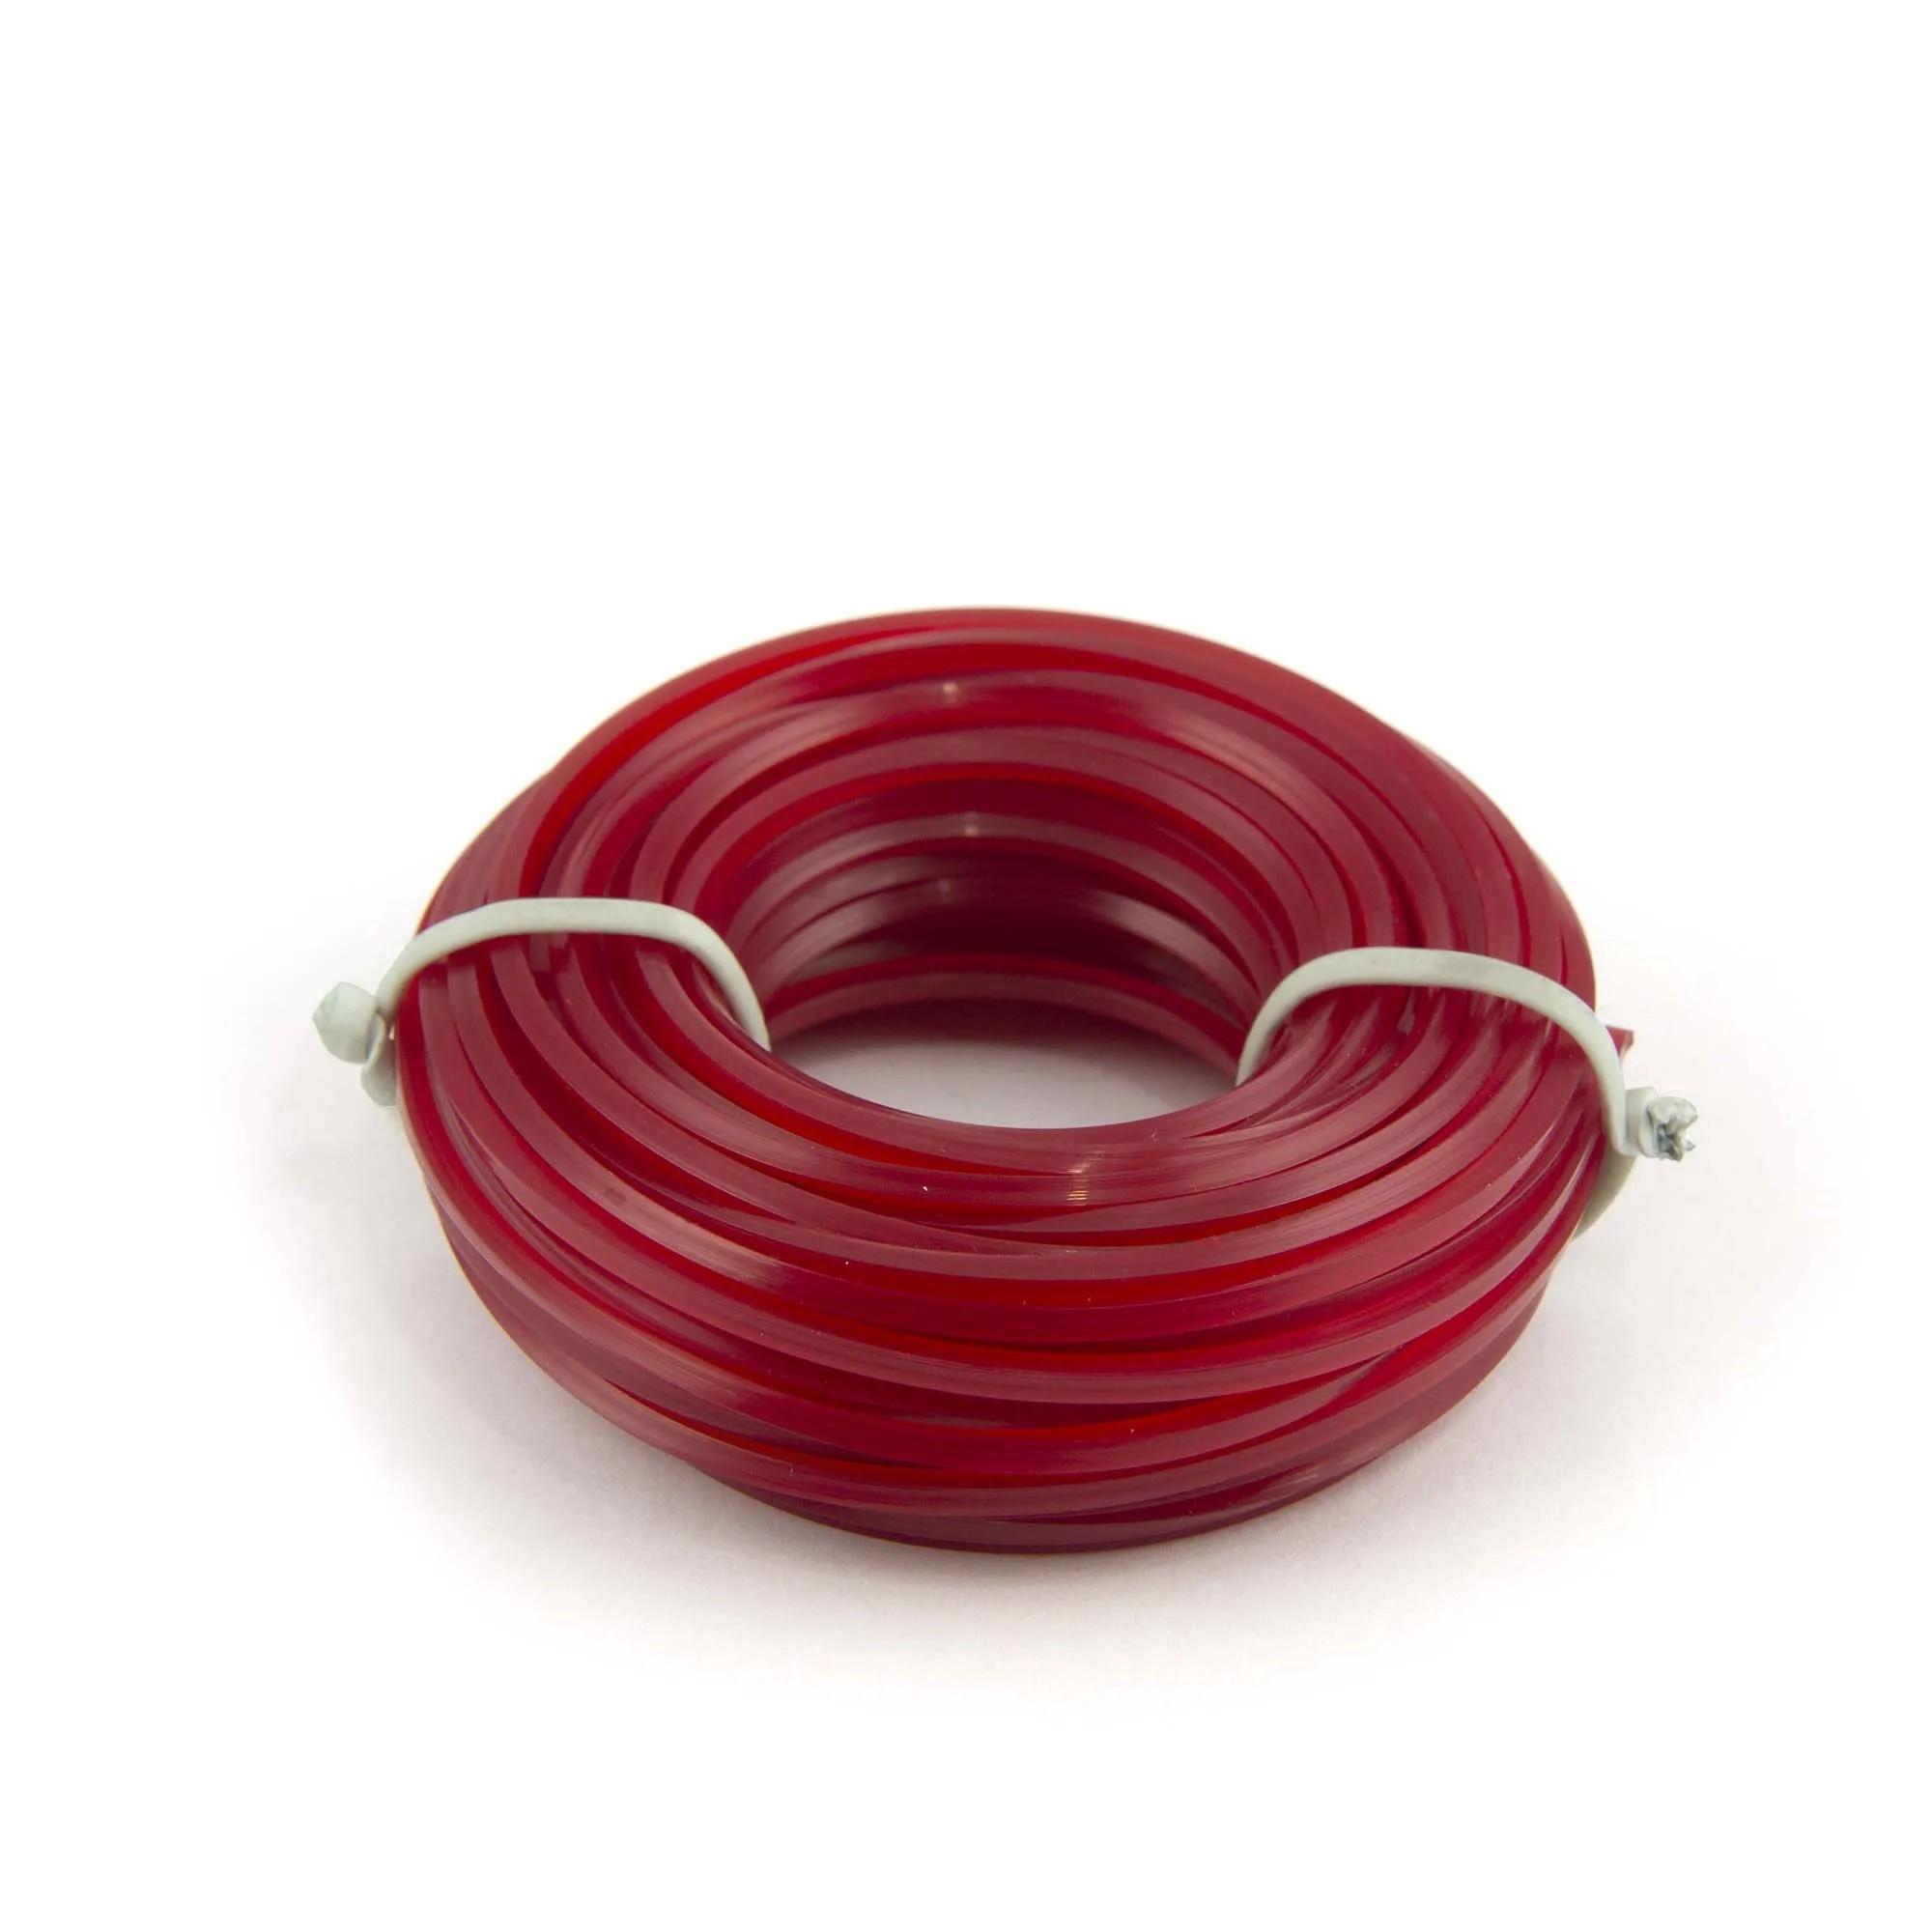 Linha cortador Grama vermelha 3,00mm - 10m  - Artpesca